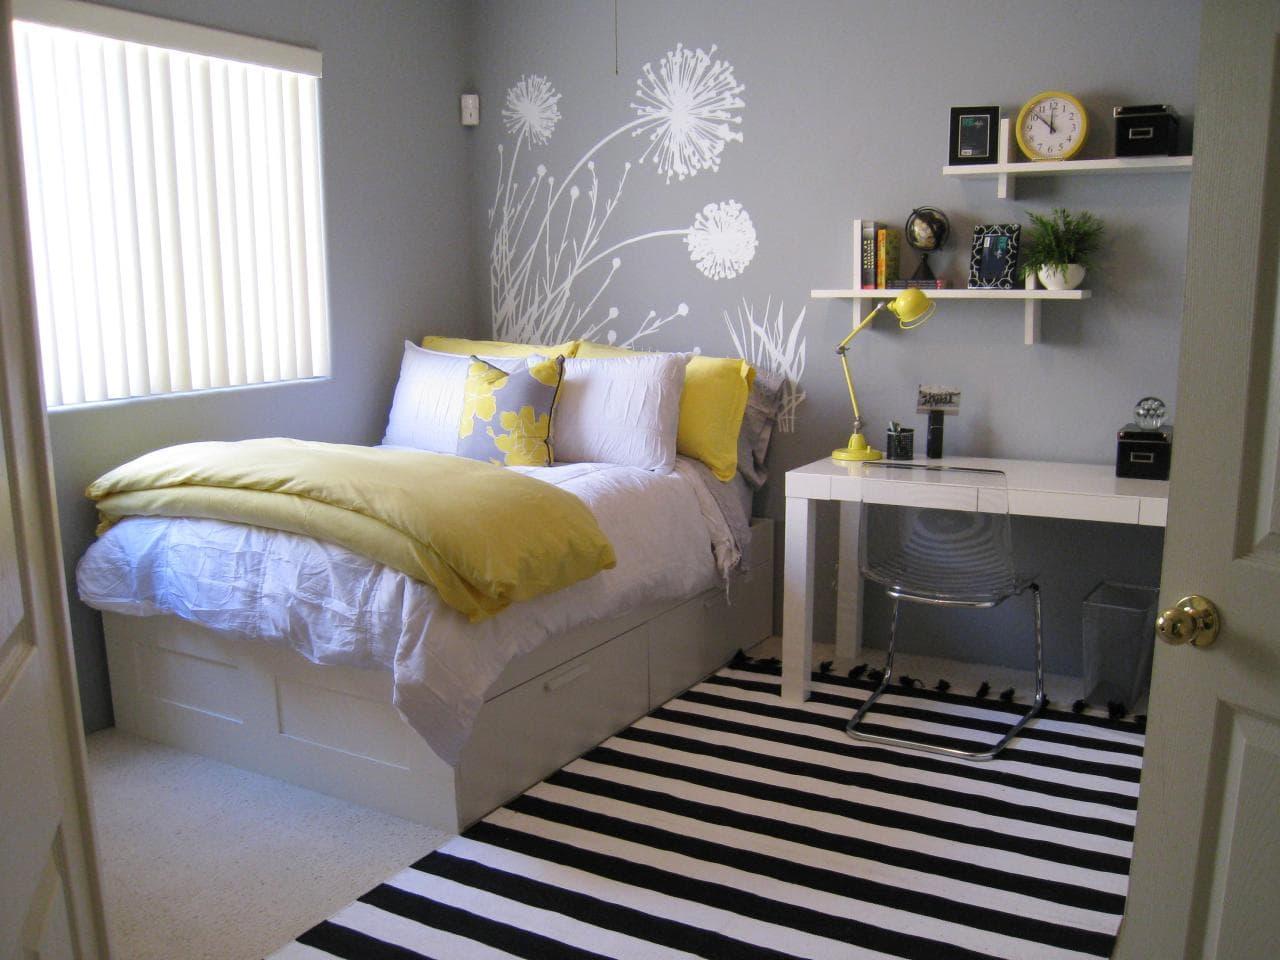 5 cabeceros de cama originales colch n expr s for Cabeceros de cama originales